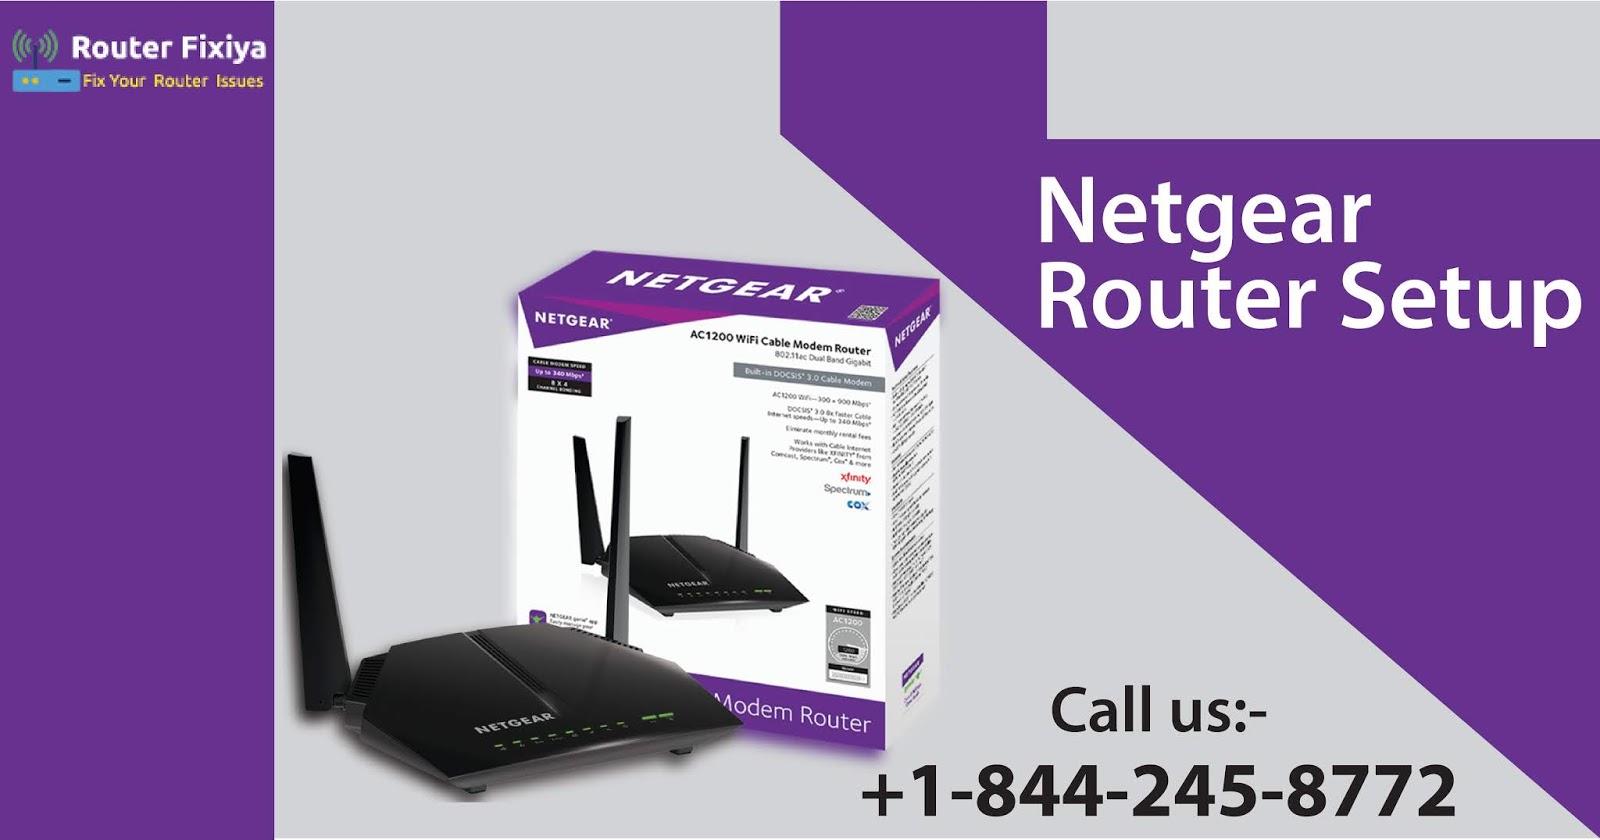 Netgear Router Support number- +1-844-245-8772: Netgear